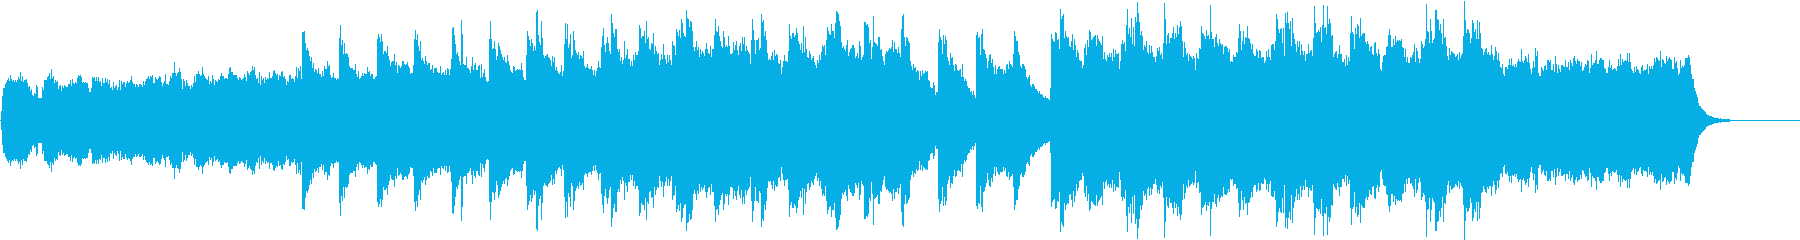 ストリングスとピアノの神秘的なクラシックの再生済みの波形